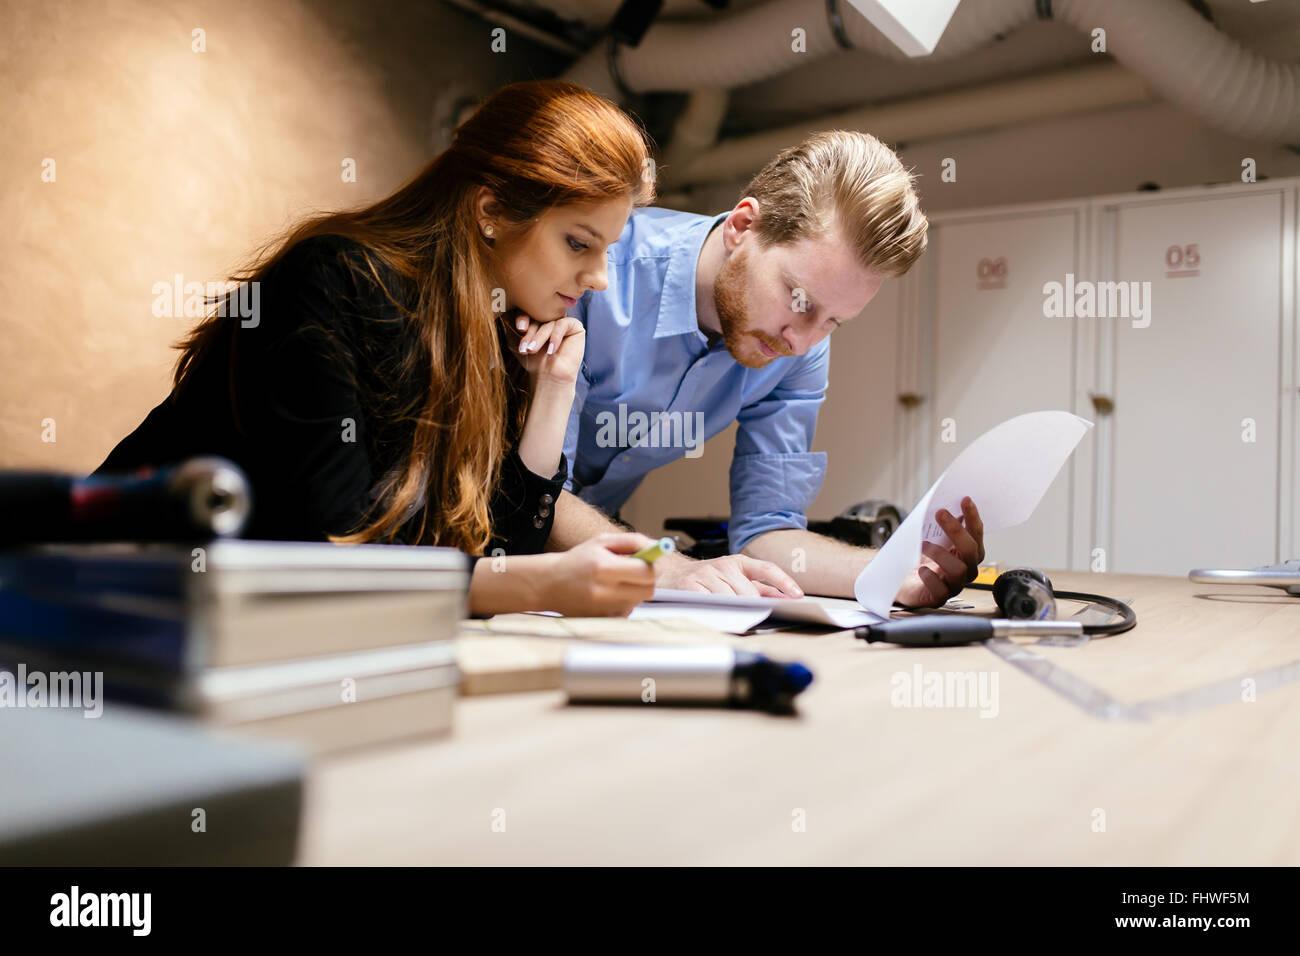 Las personas que trabajan en la moderna hermoso taller con equipamiento profesional a mano Imagen De Stock